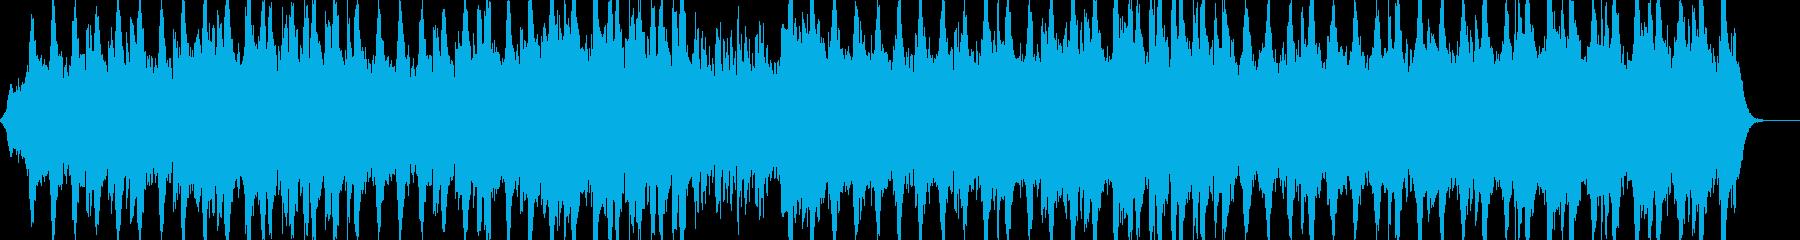 人のいない風景に合うストリングス曲の再生済みの波形